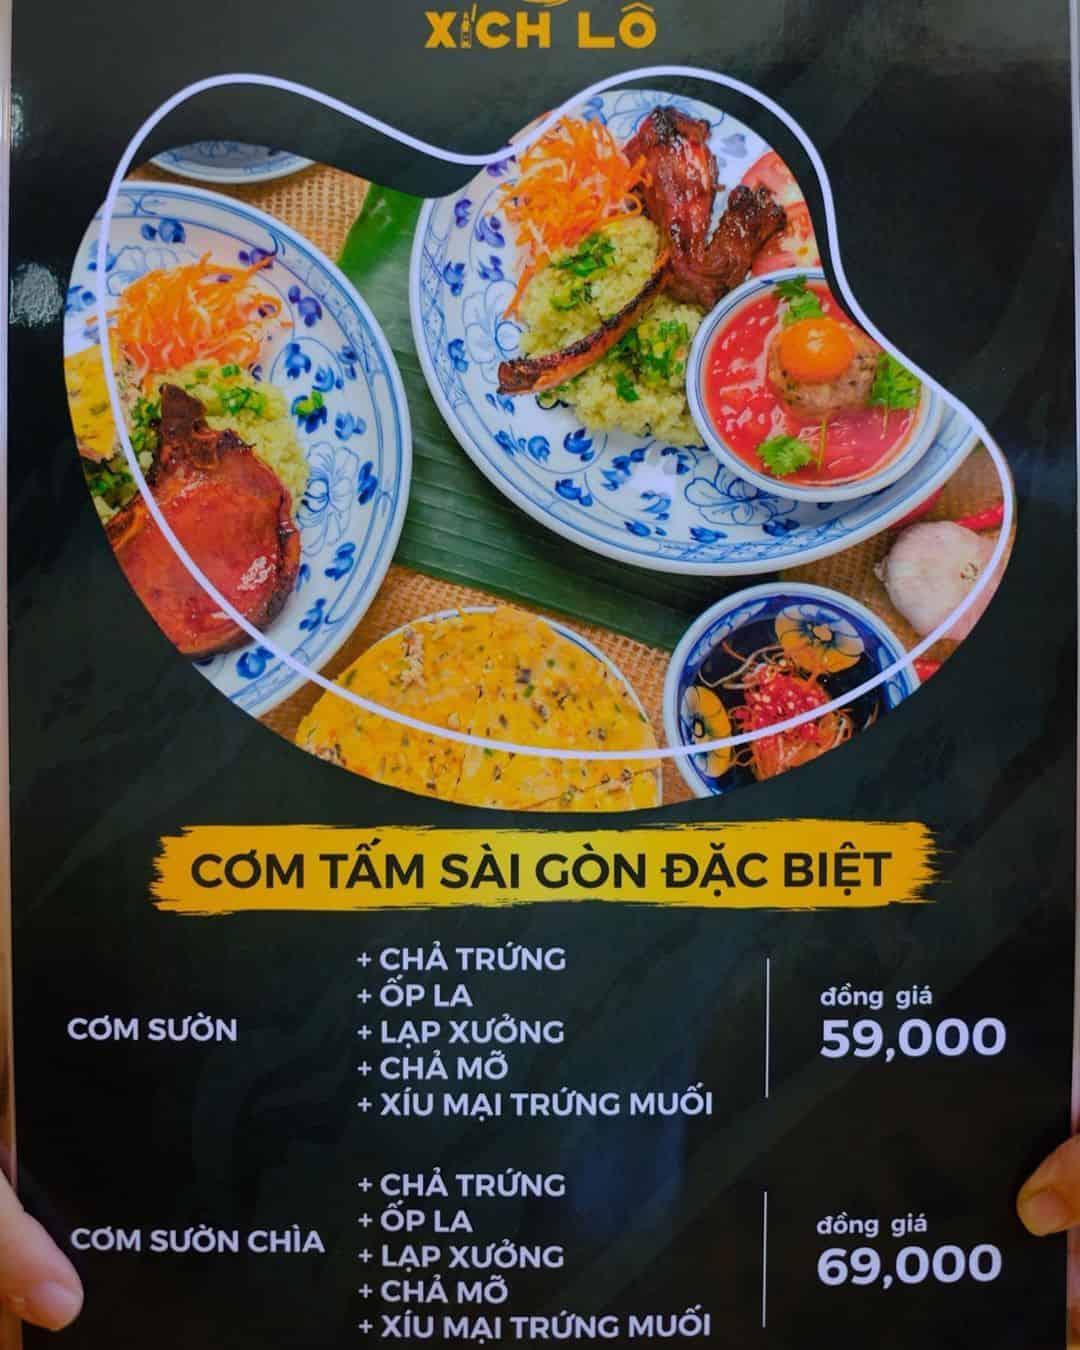 quán cơm tấm ngon ở Đà Nẵng